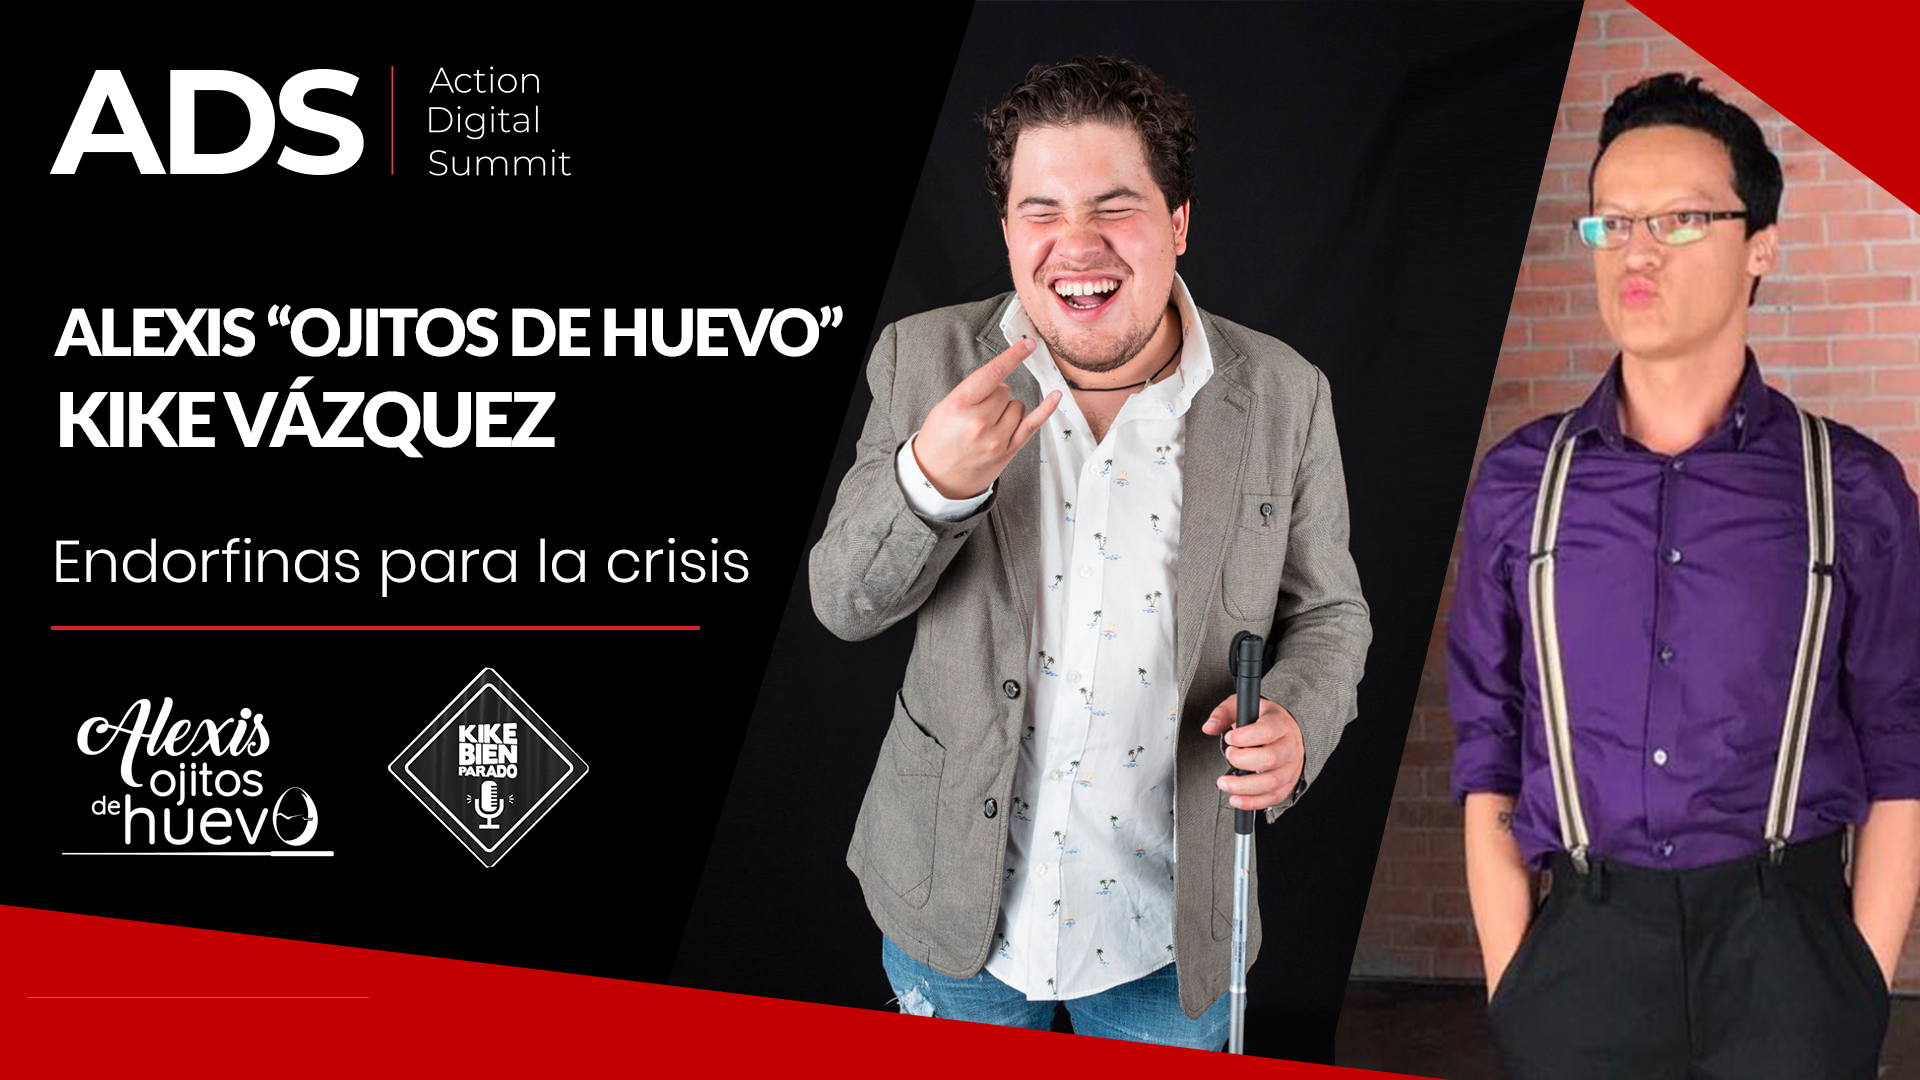 Alexis Ojitos de Huevo - Kike Vázquez